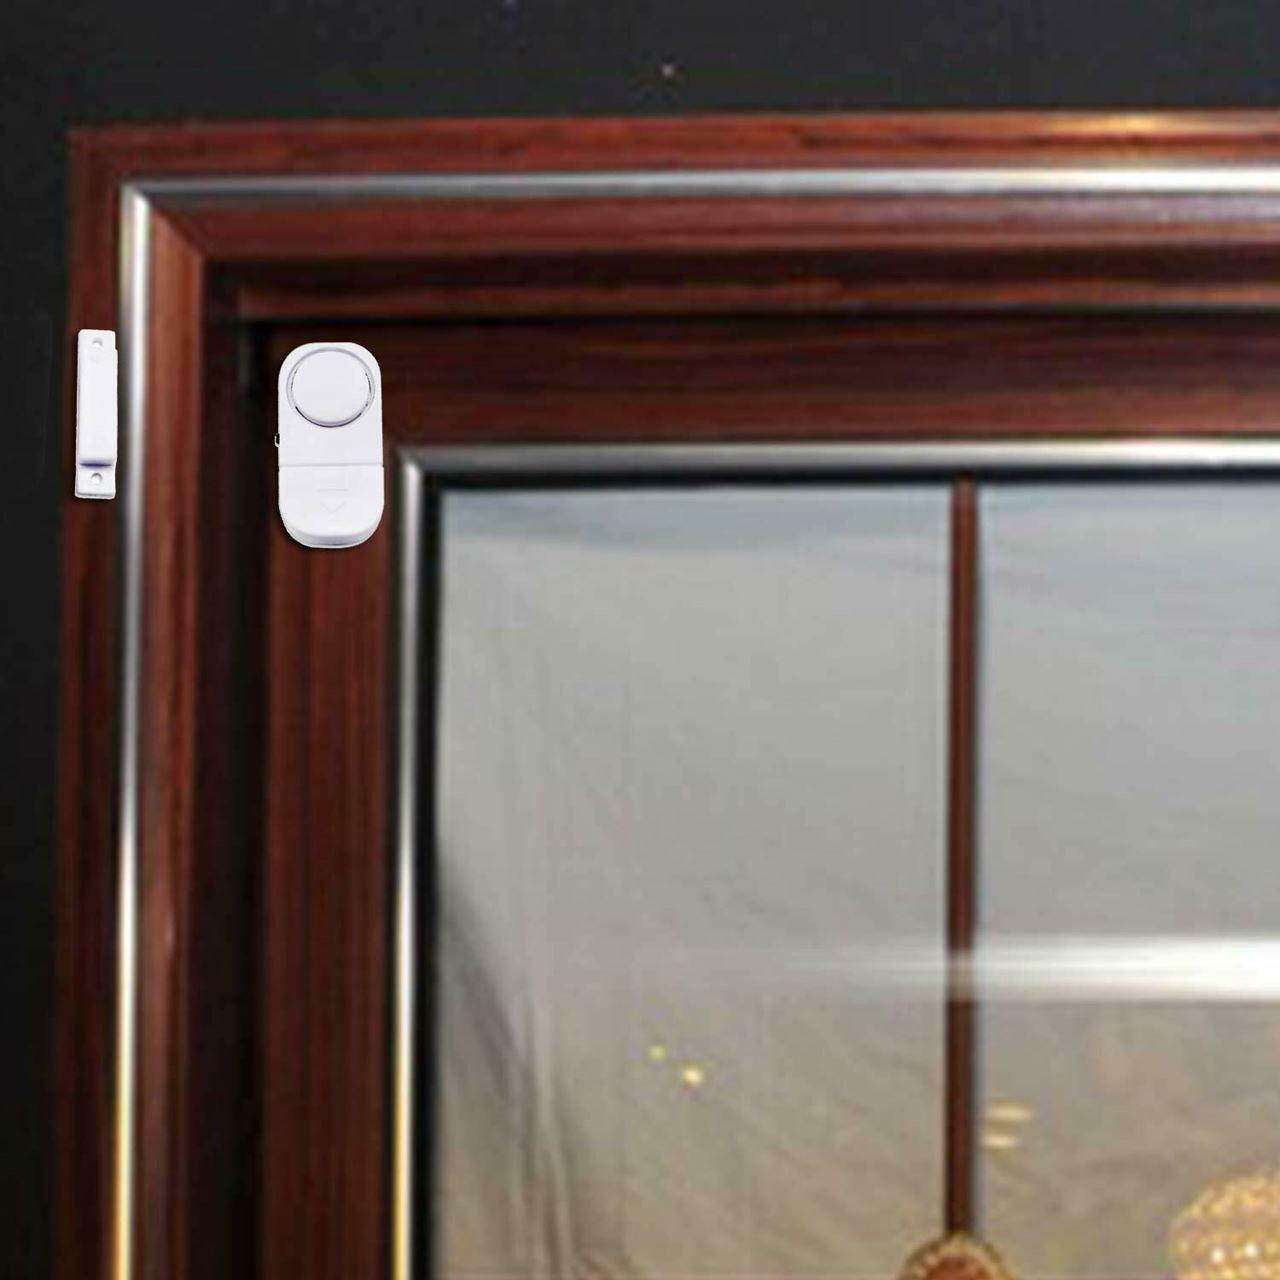 Picture of Window and Door Alarm